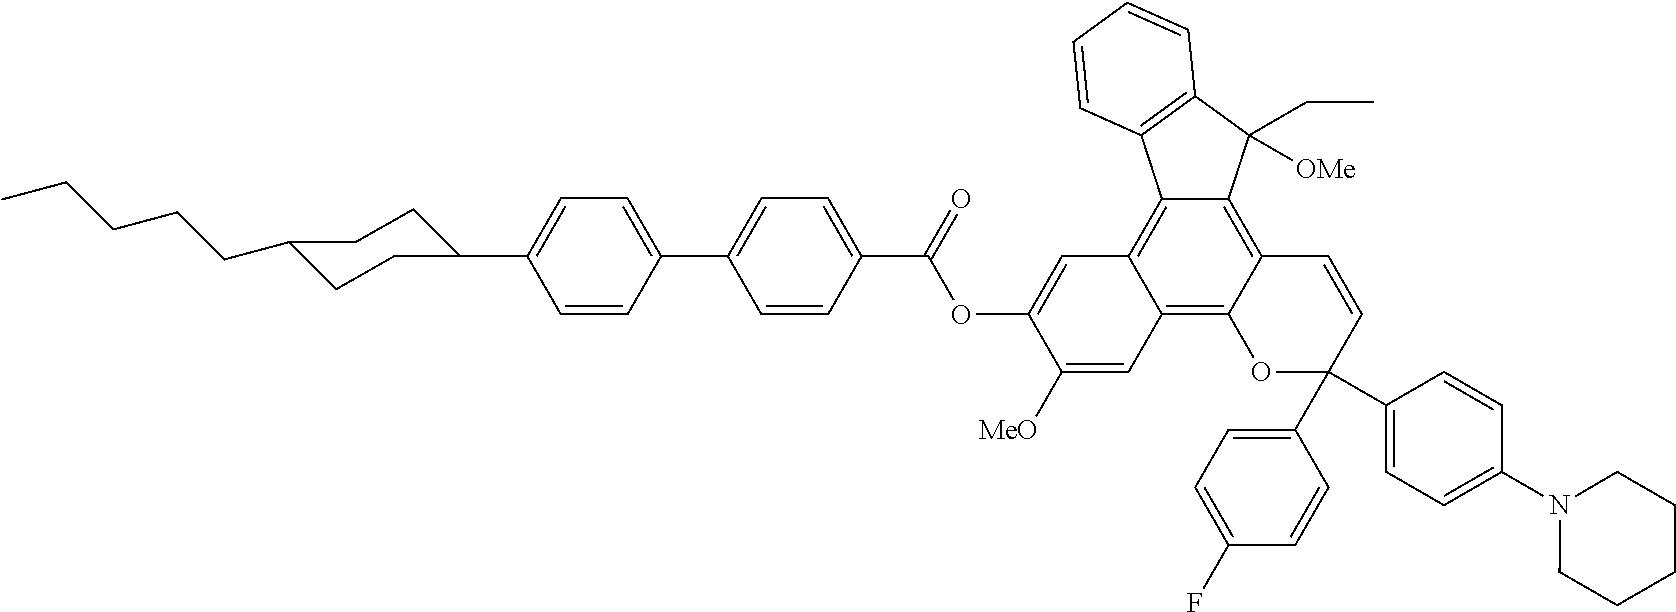 Figure US08518546-20130827-C00025